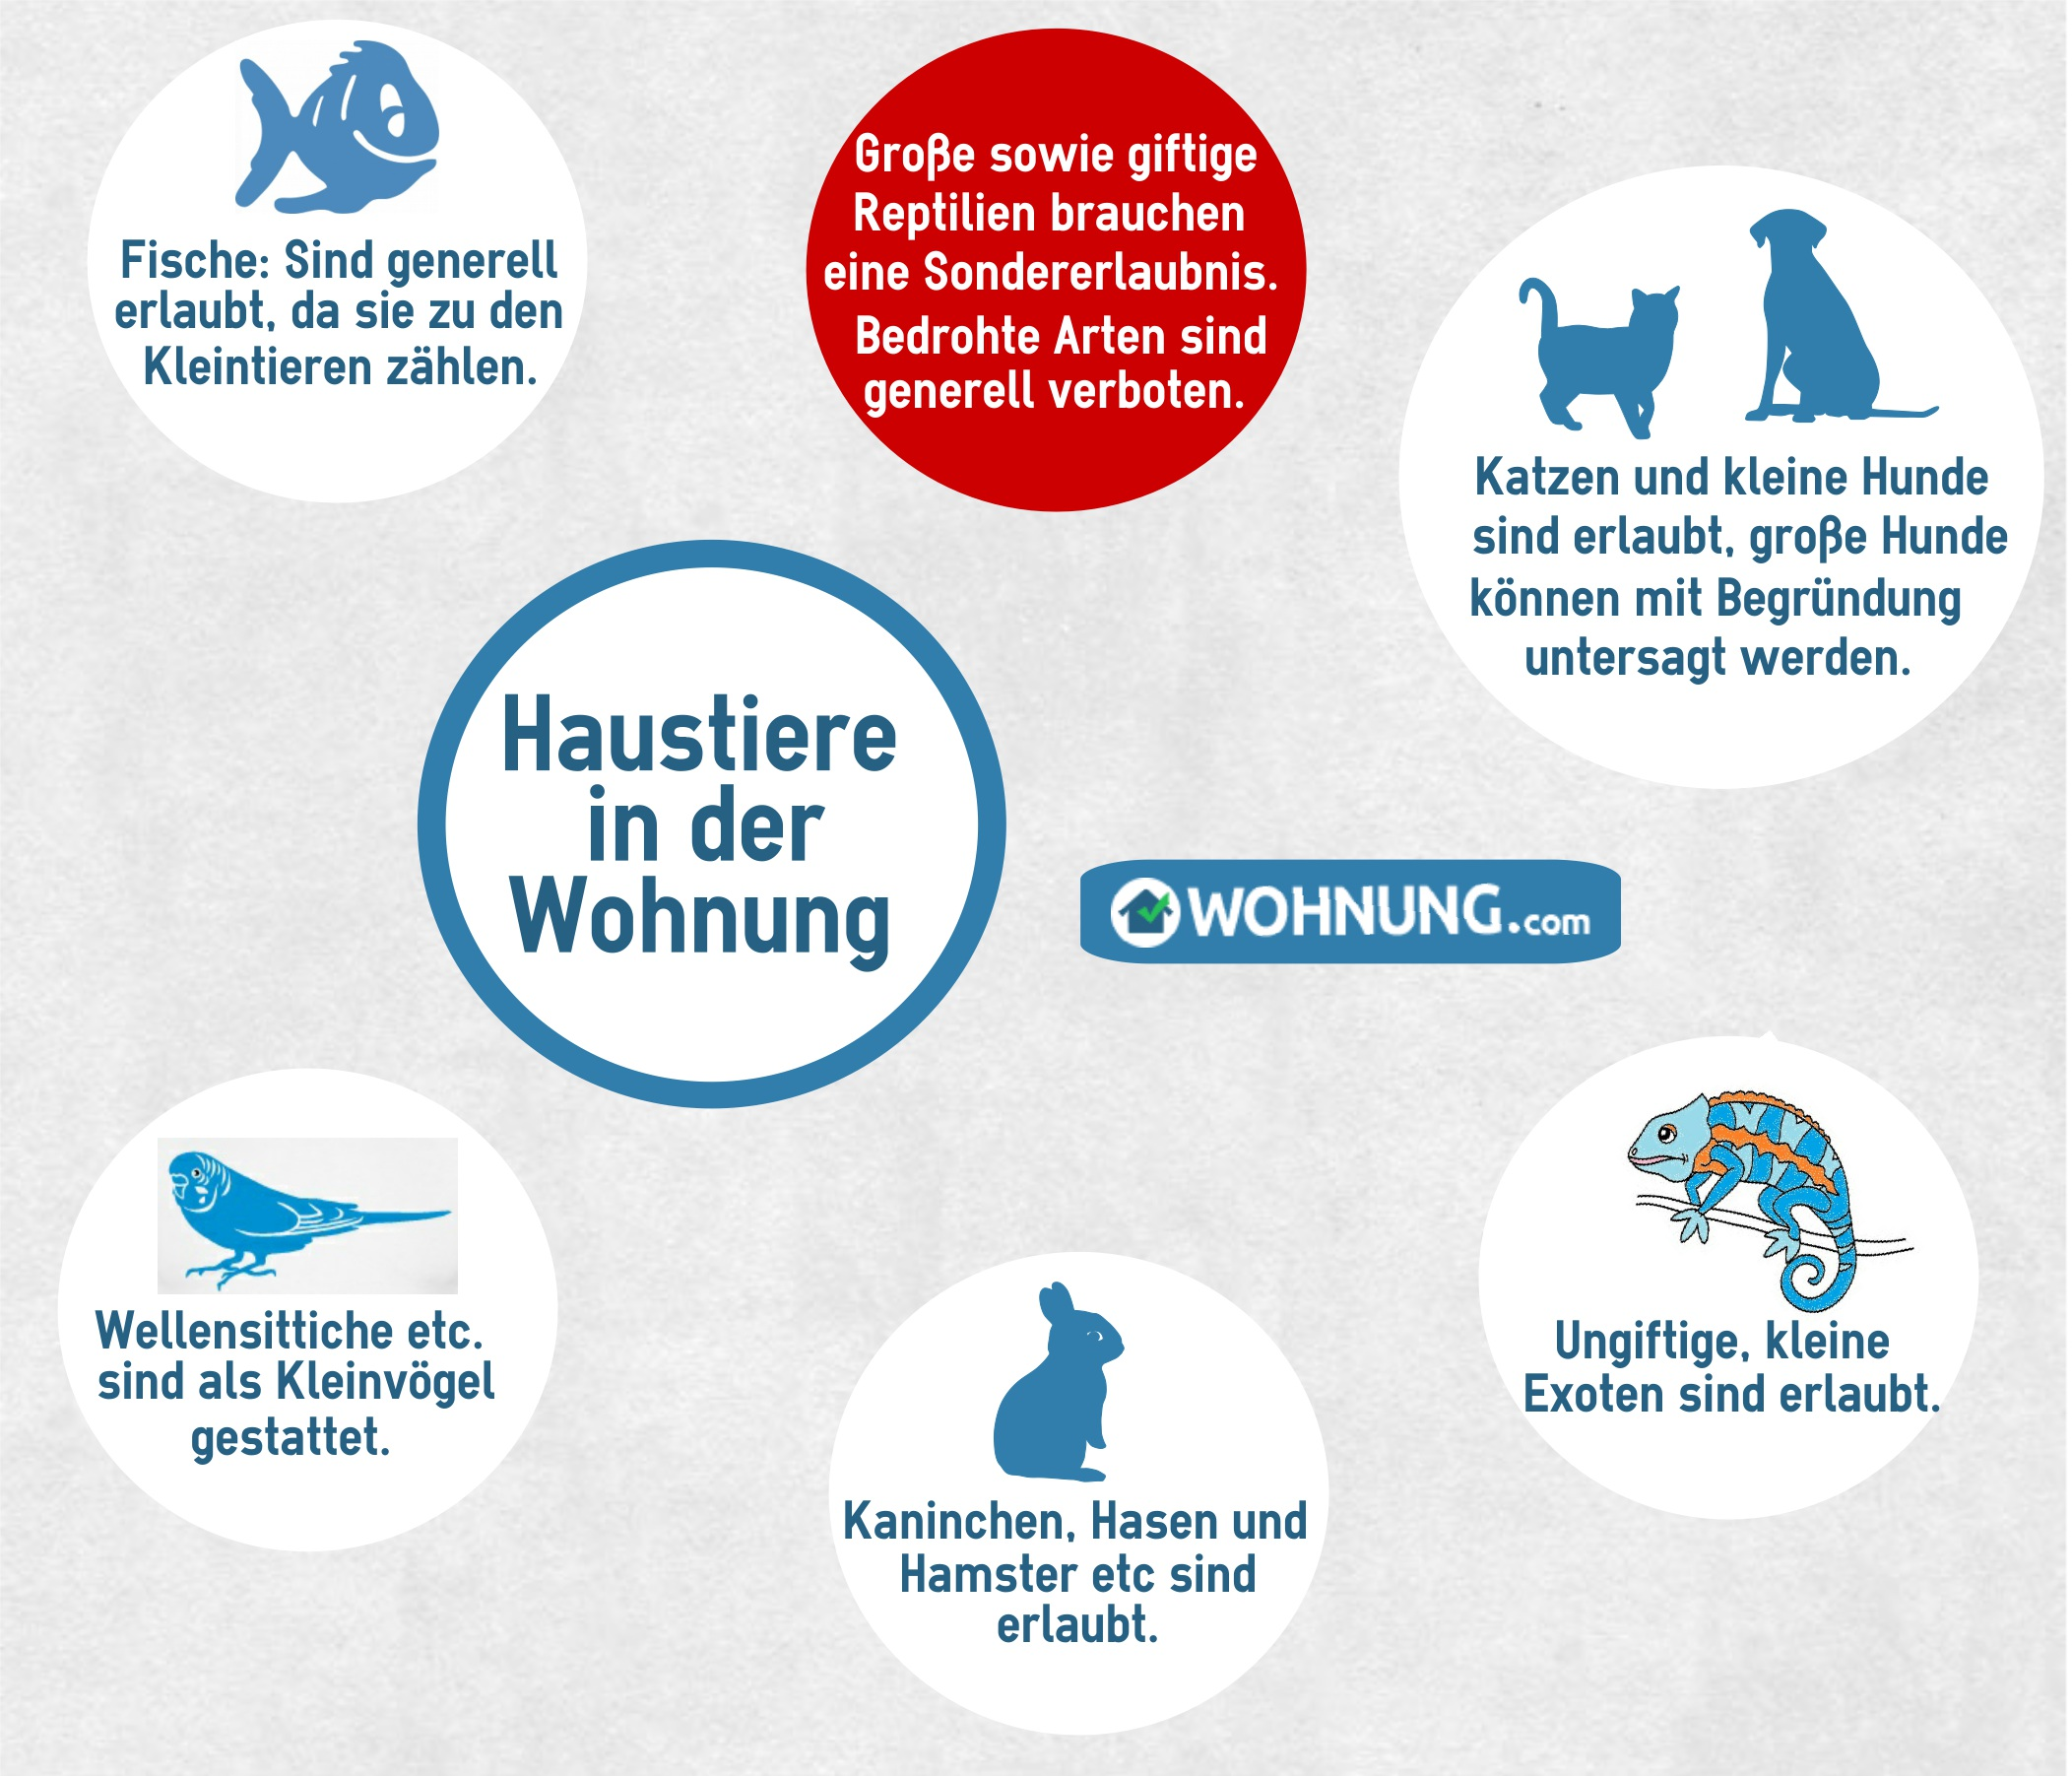 Wohnung Regelungen Zur Haltung Von Haustieren Wohnungcom Ratgeber